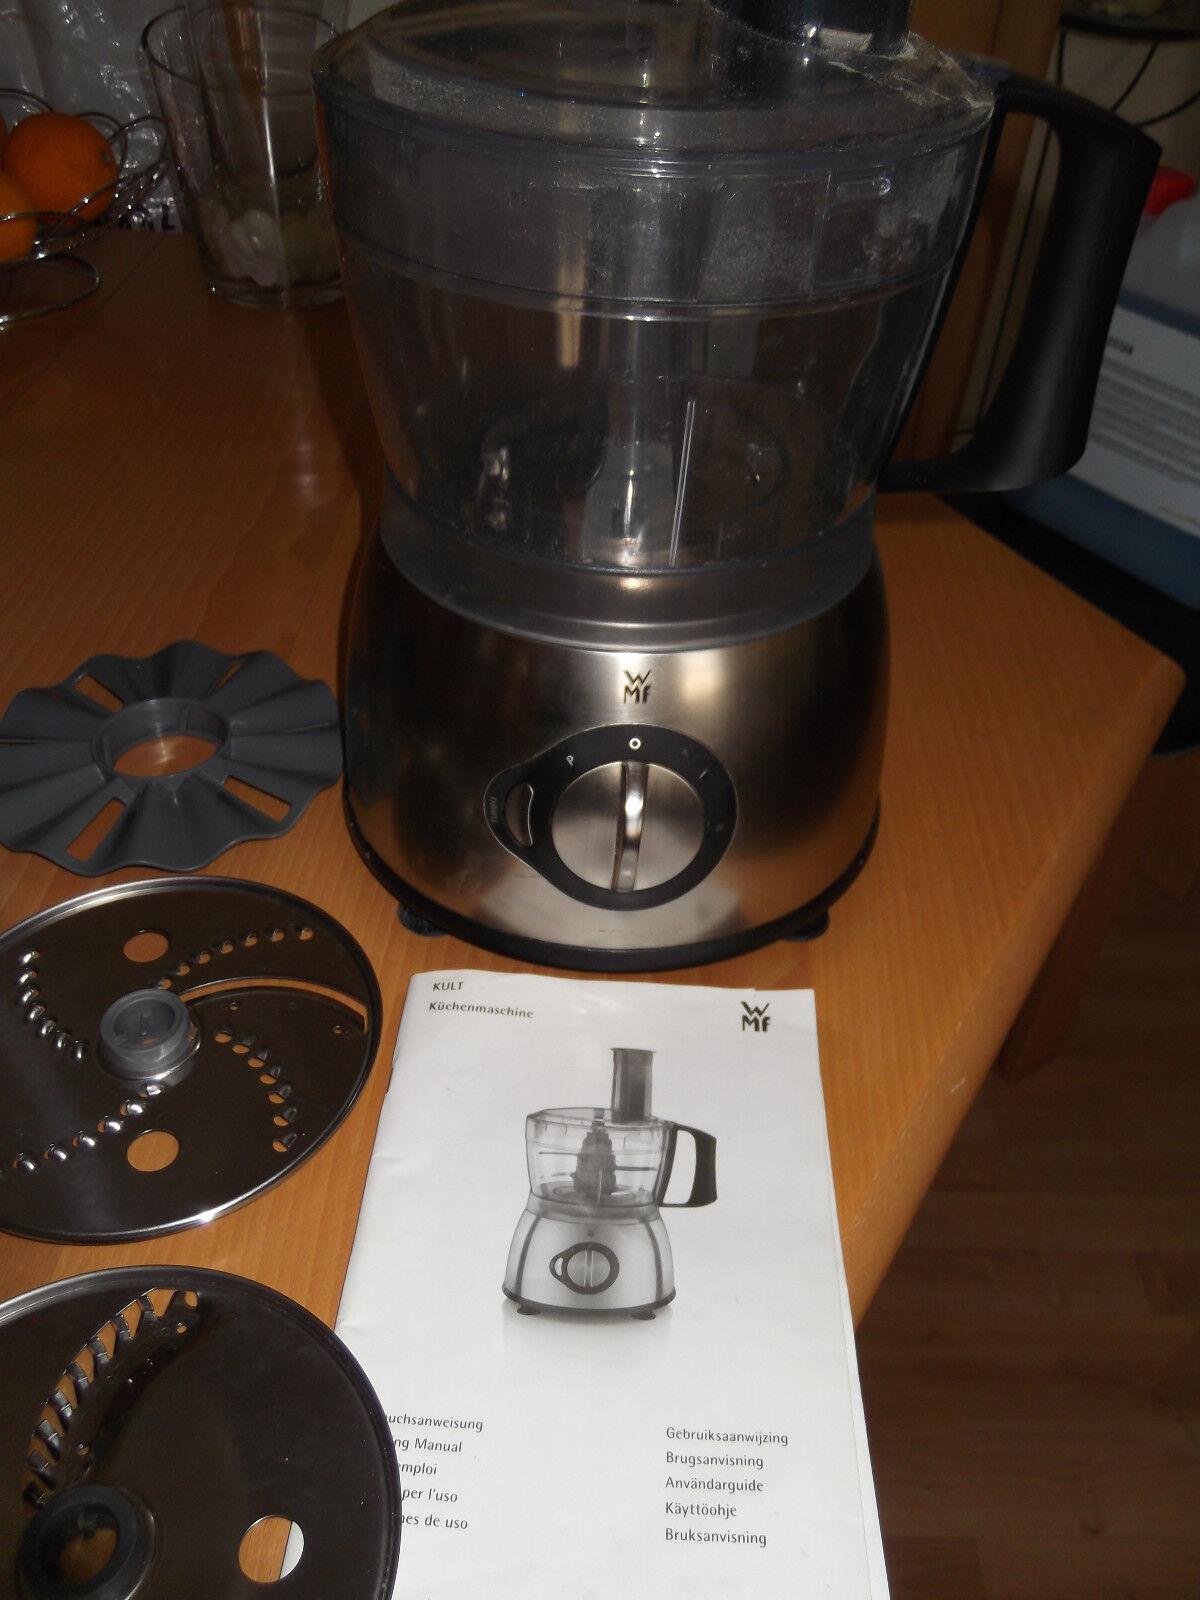 Wmf Kuchenmaschine Test Vergleich Wmf Kuchenmaschine Gunstig Kaufen